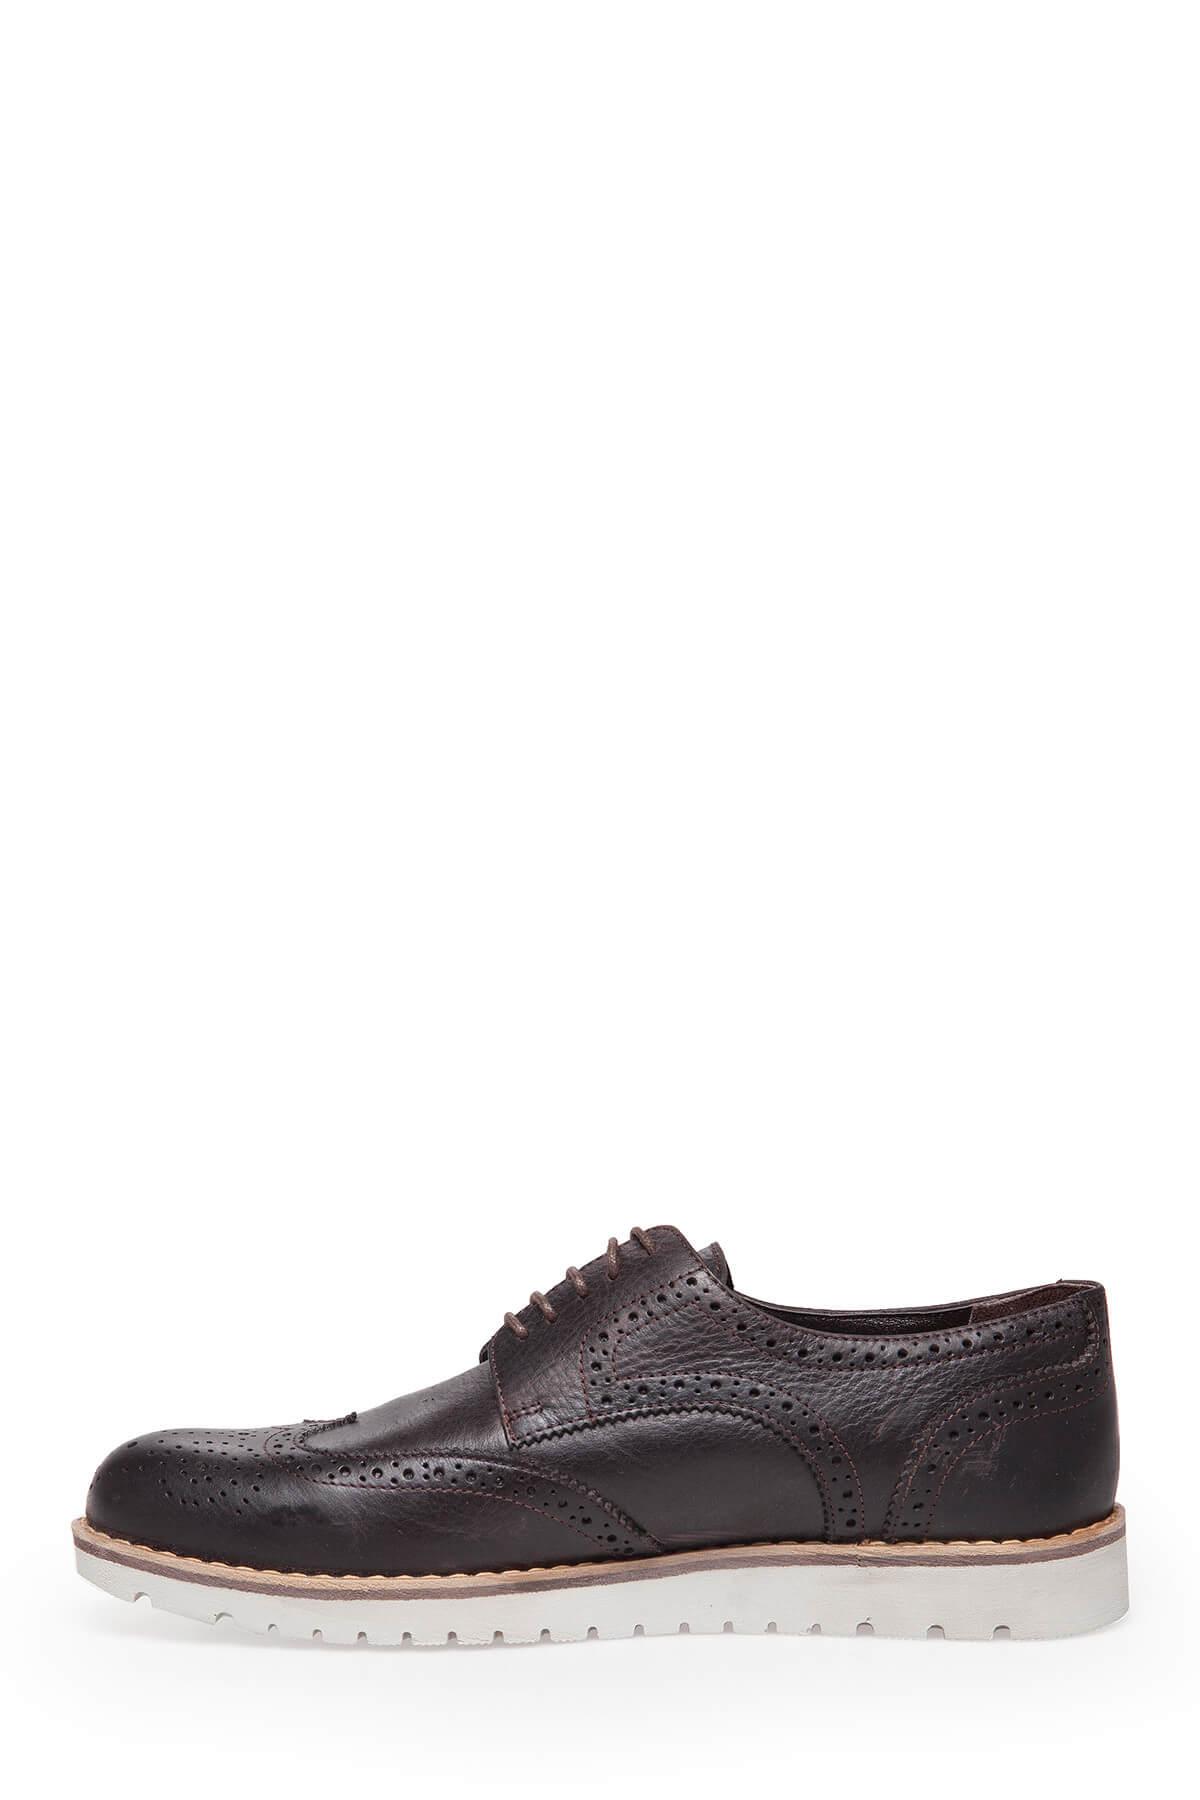 MERCEDES Hakiki Deri Erkek KAHVE Klasik Ayakkabı - ASHTON 2